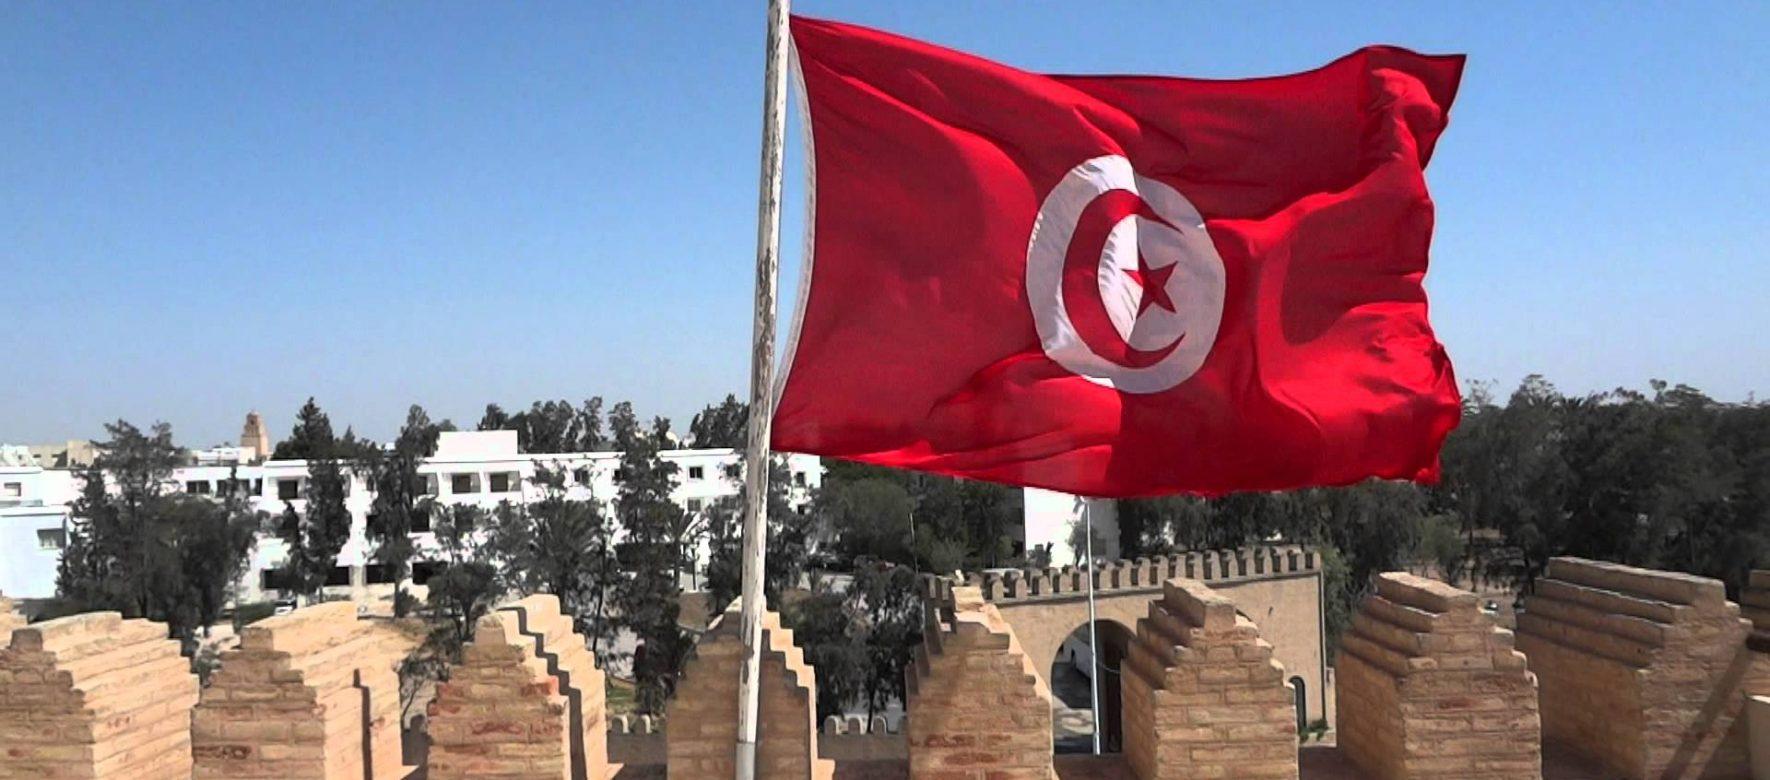 La Tunisie impose une nouvelle taxe frontalière aux étrangers